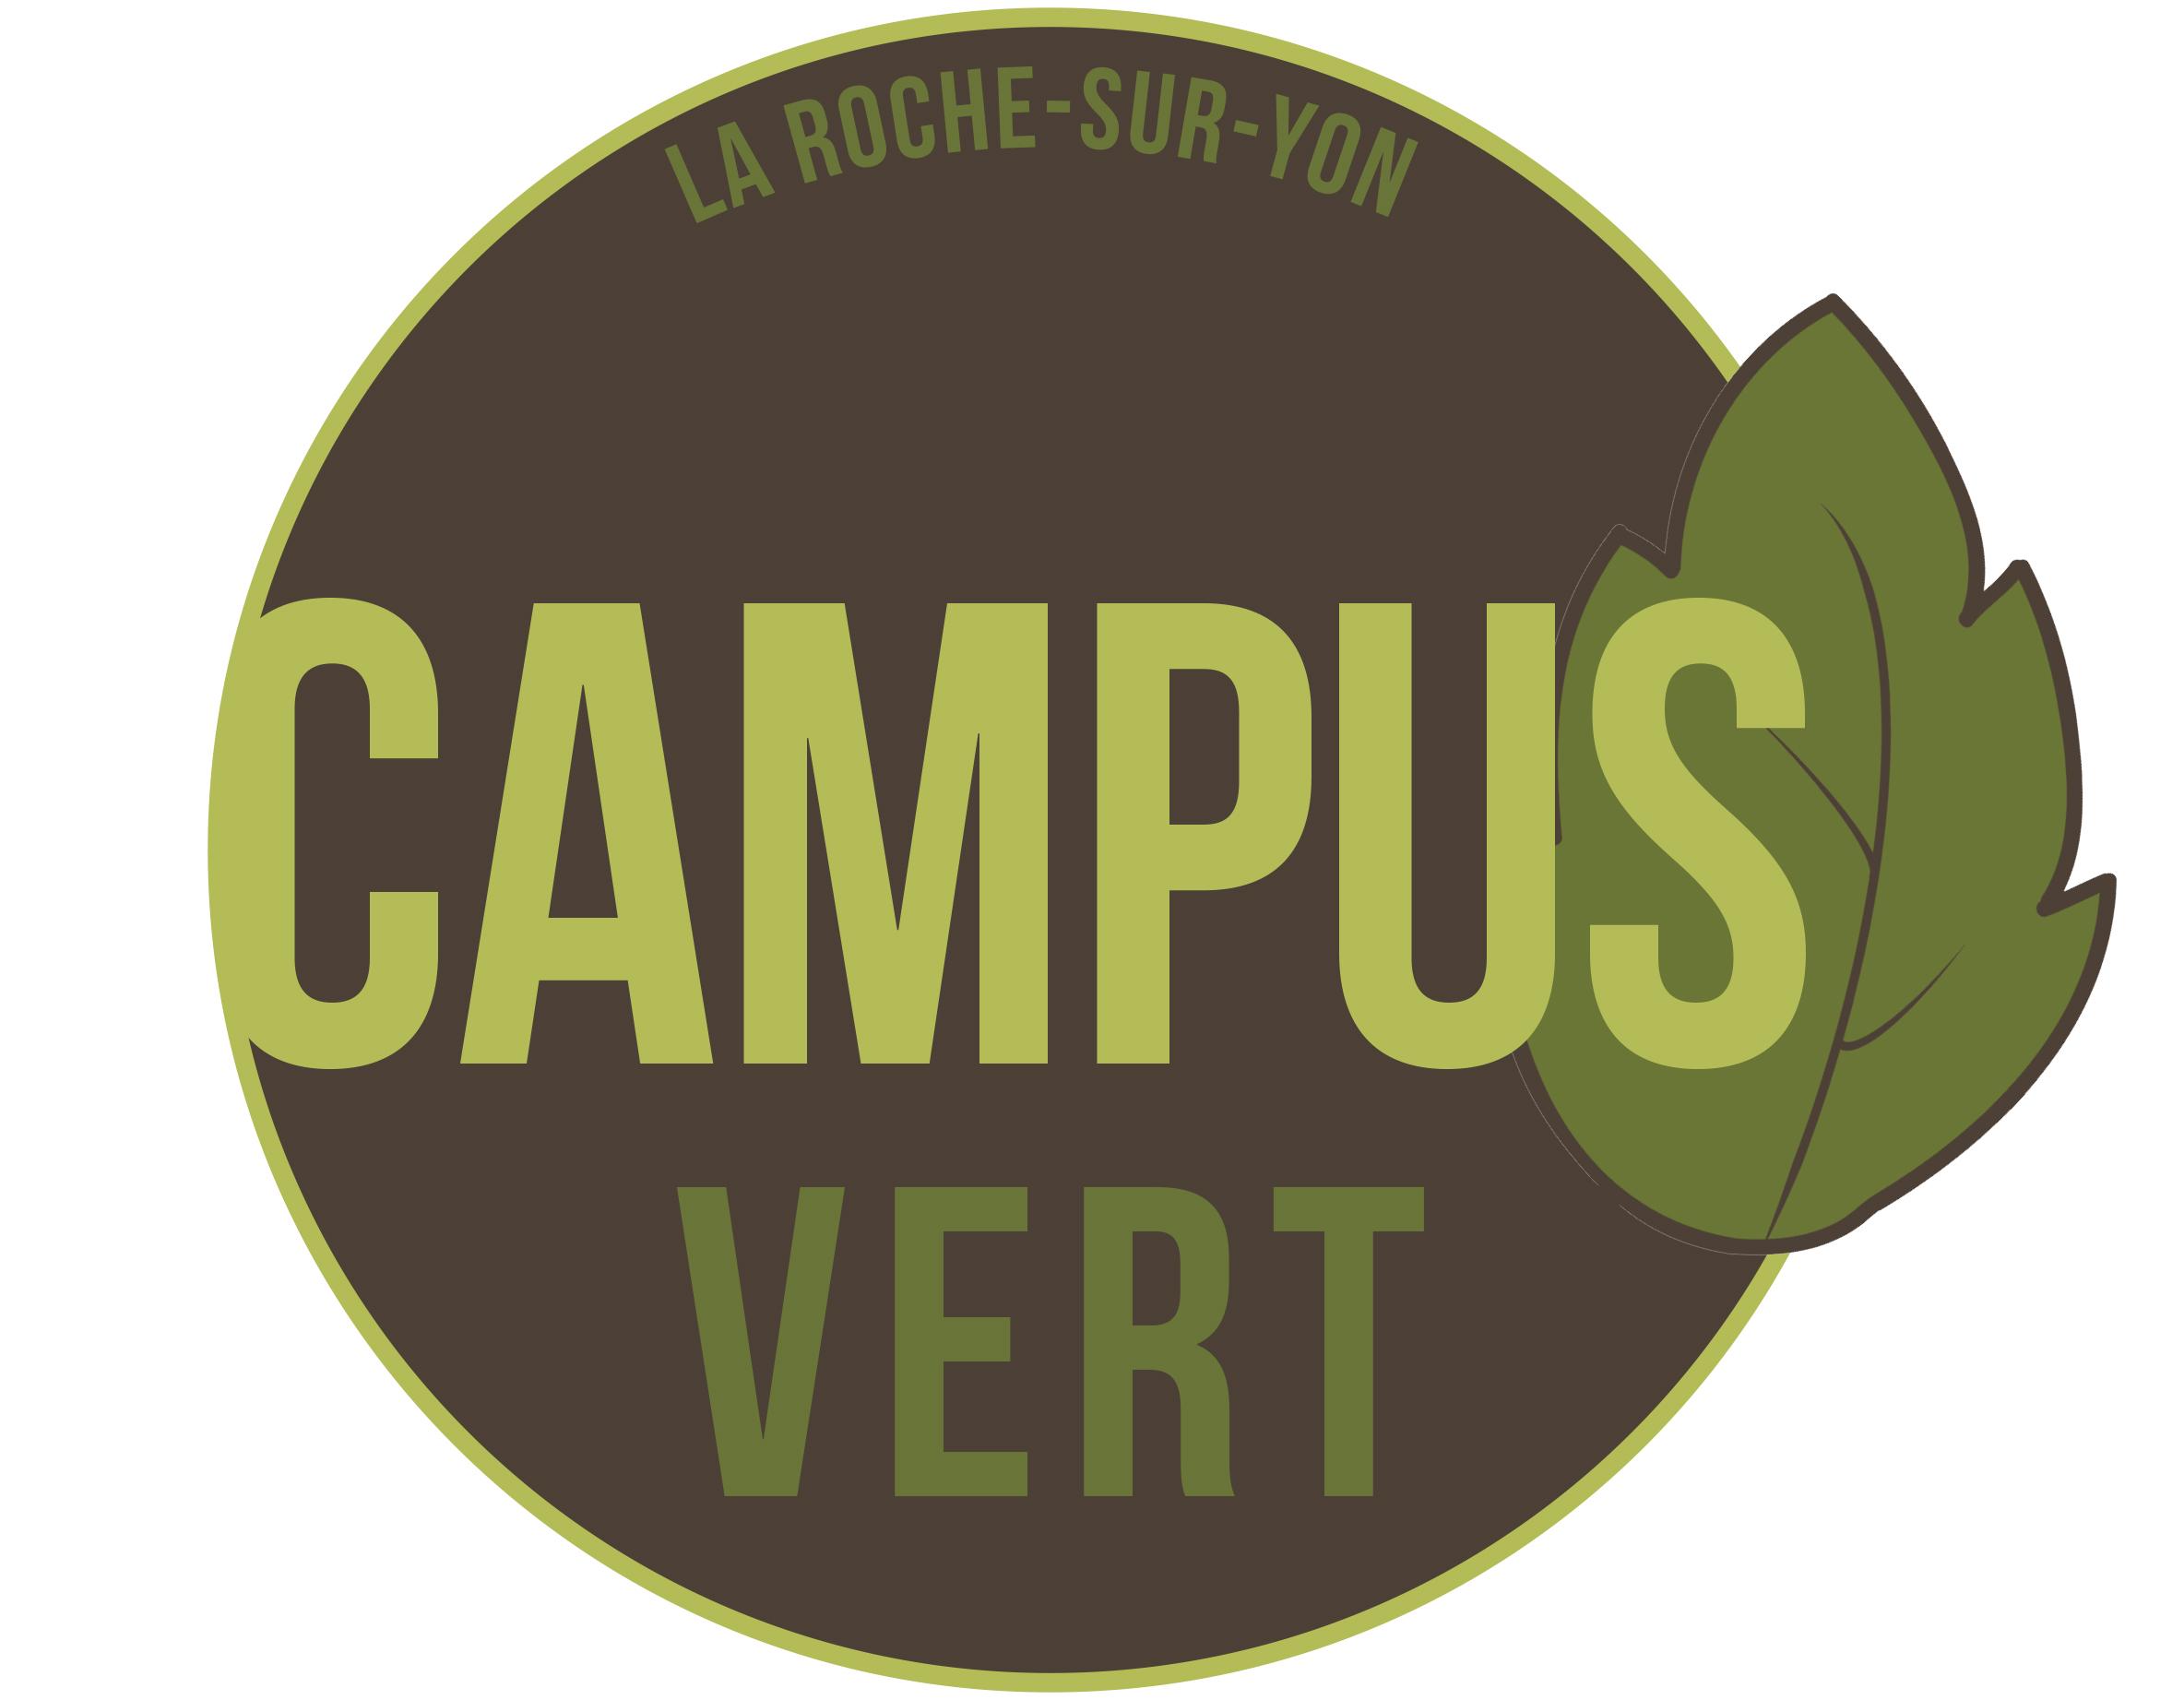 Label campus vert